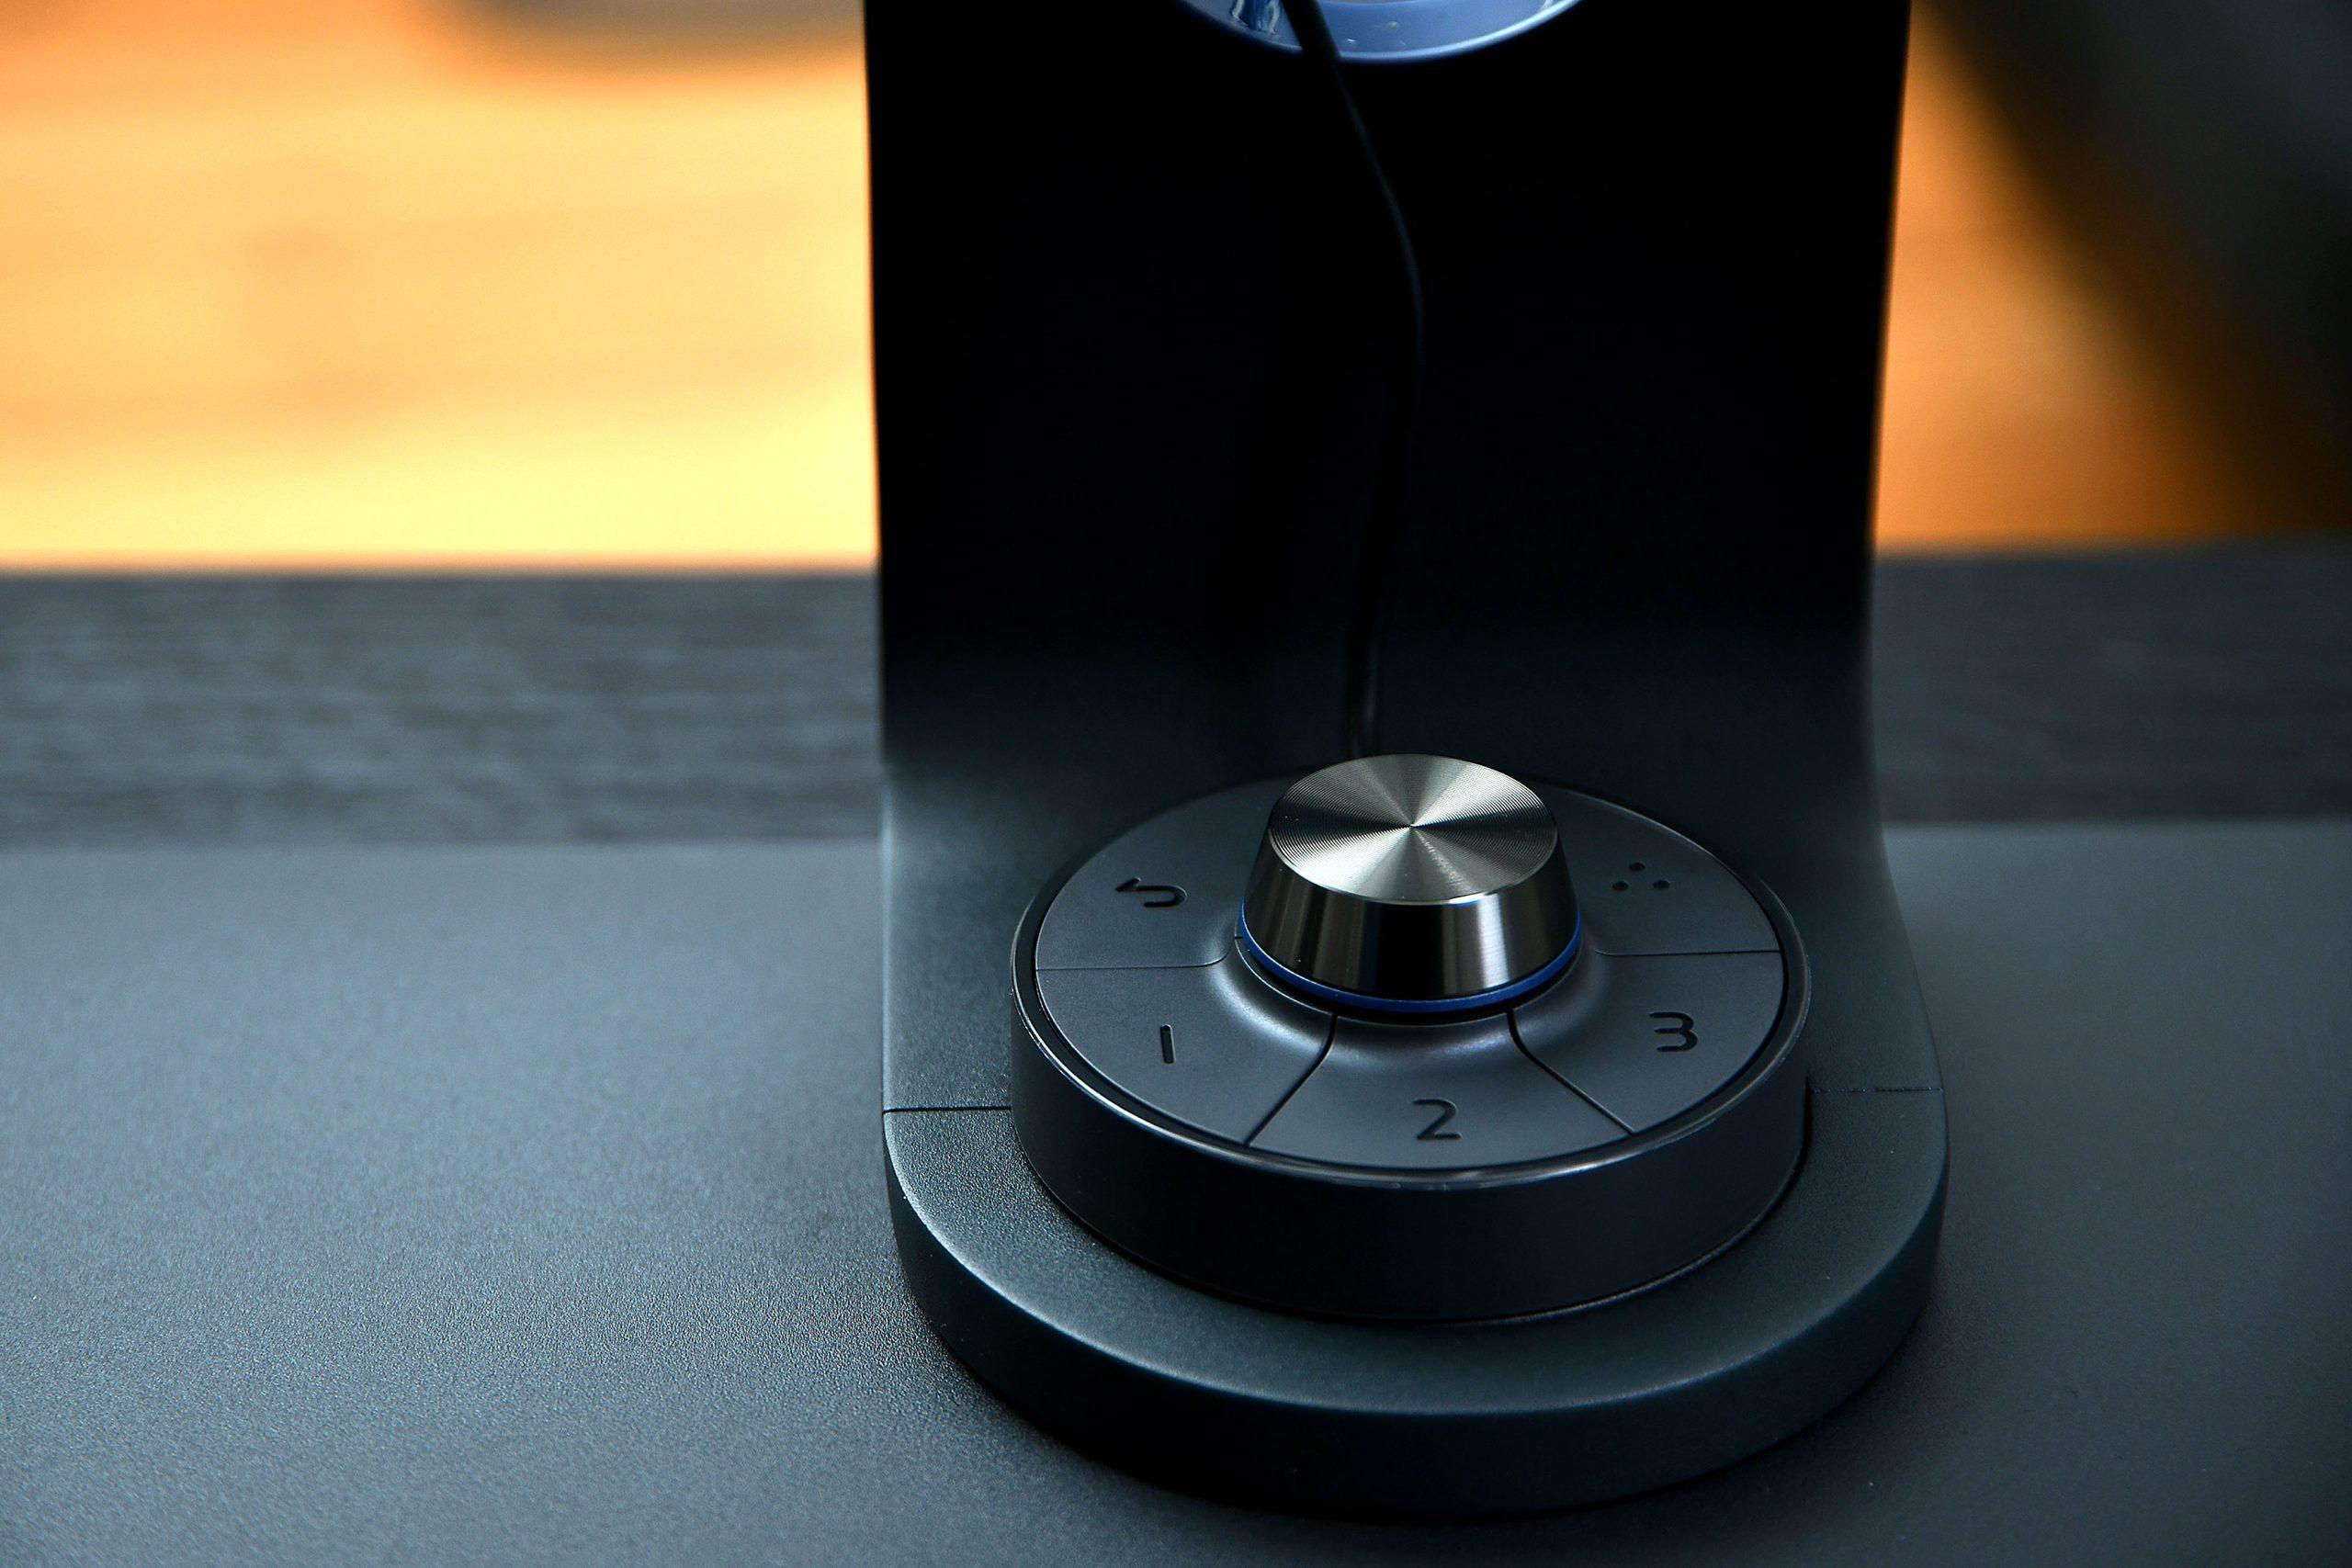 Foto: Michael B. Rehders Der neue Hotkey Puck besitzt drei frei belegbare Tasten. Ab Werk sind darauf Adobe RGB, sRGB und Schwarz/Weiß hinterlegt. Mit dem Drehrad lässt sich komfortabel durchs On-Screen-Menü navigieren.